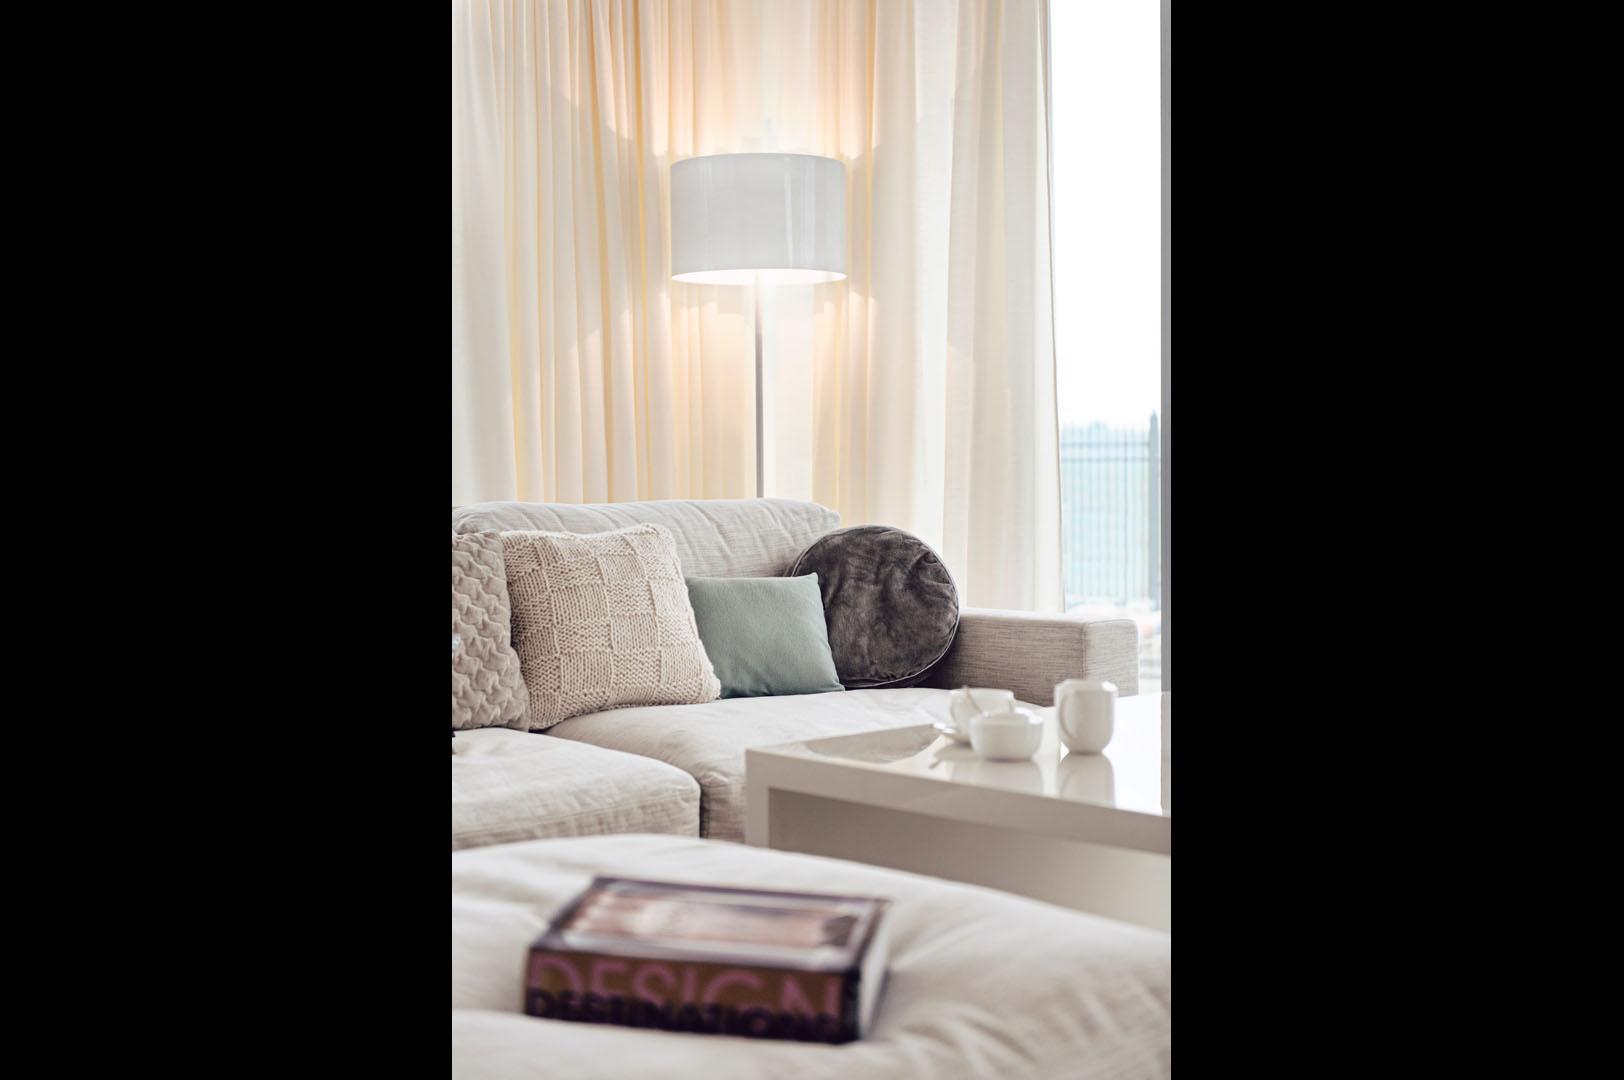 Dom prywatny 2012 - 02  sofa lampa poduszki